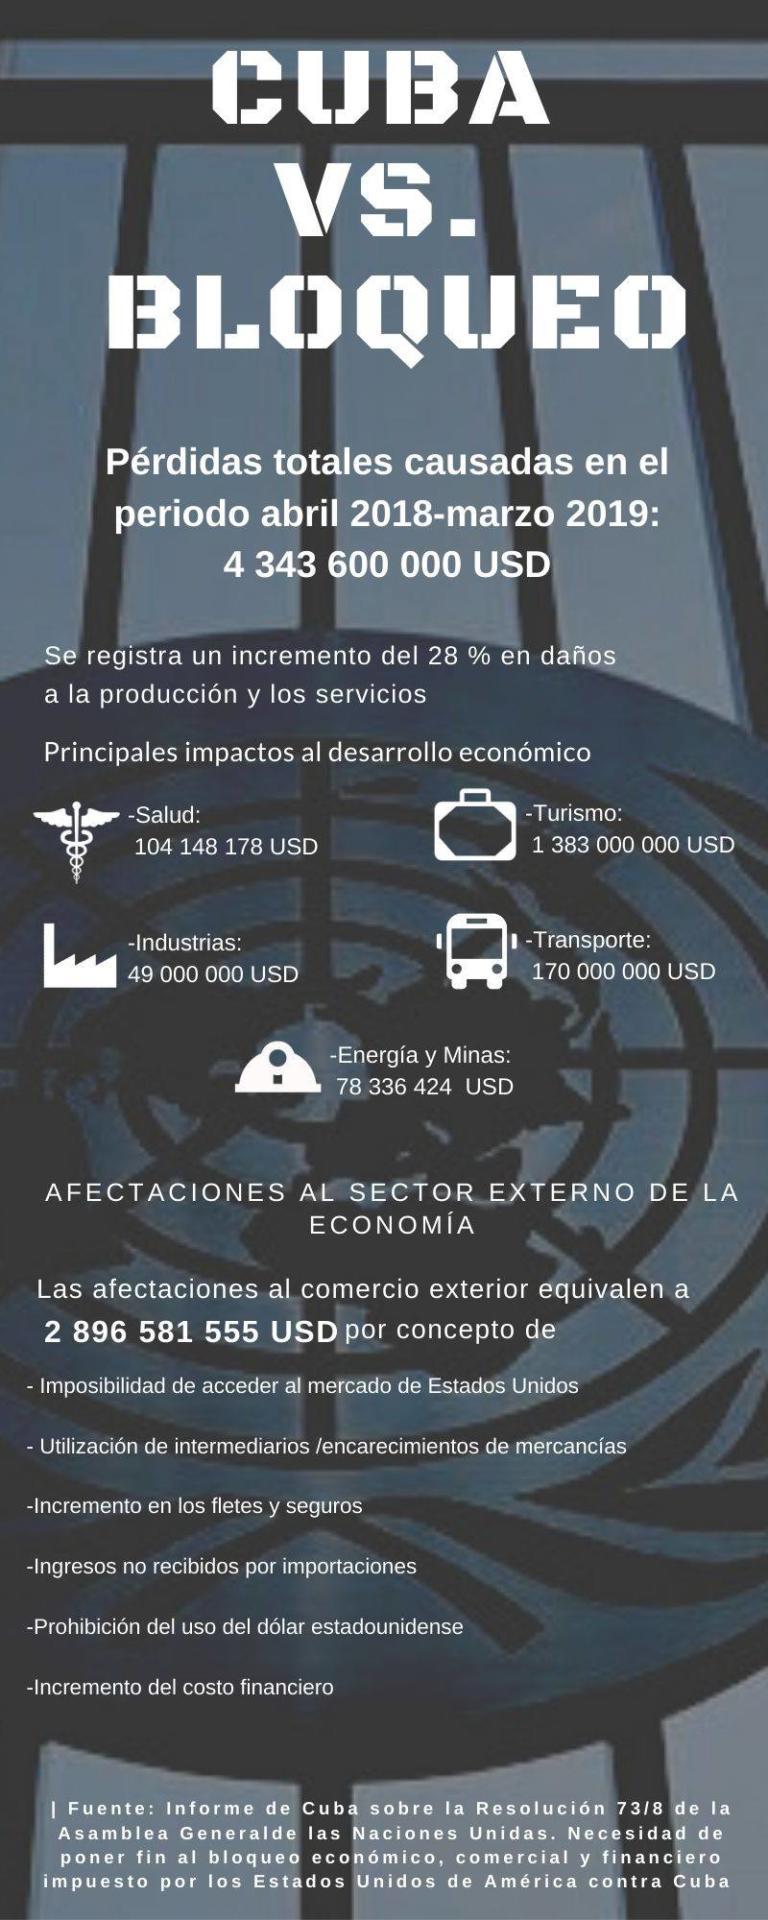 Cuba- EE.UU. : bloqueo en tiempos de pandemia (+video e infografía)